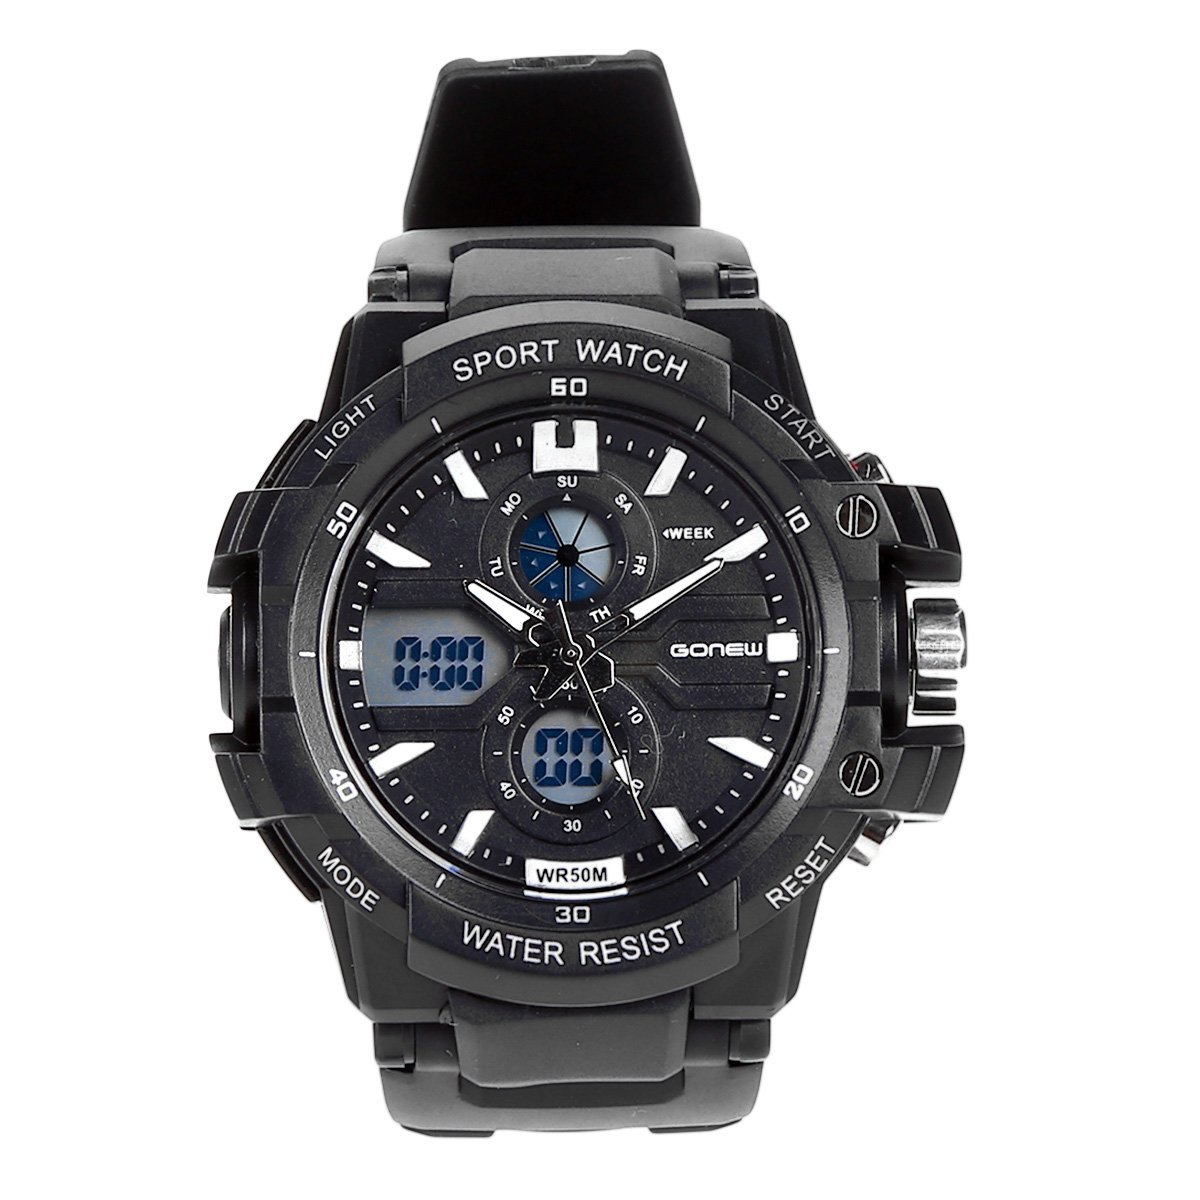 8e7a05e0294 Relógio Digital Gonew Masculino - Preto - Compre Agora